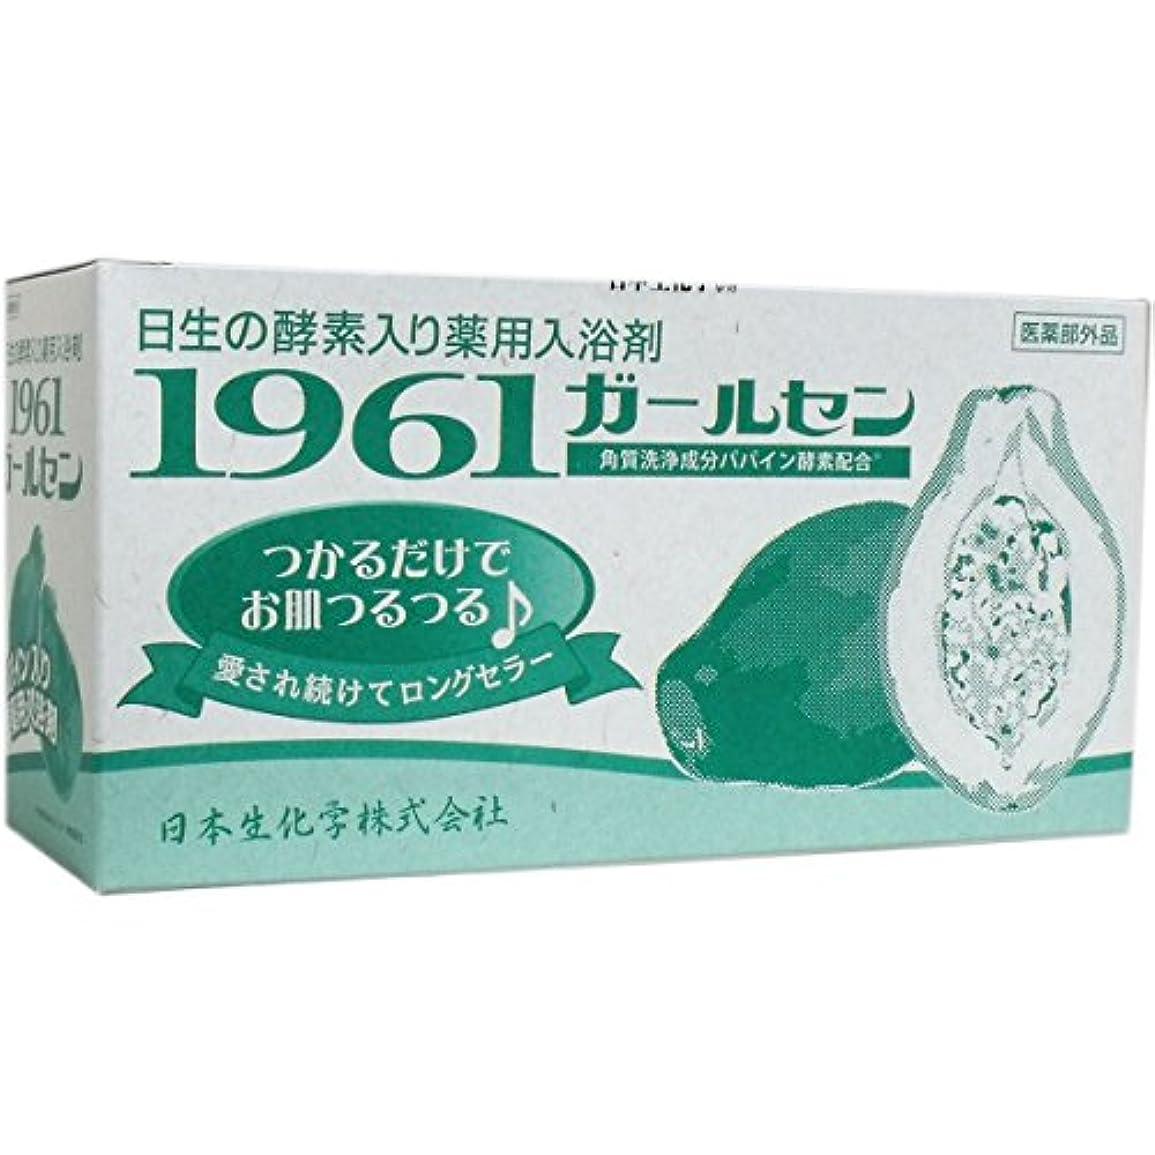 割り当て増幅器悲しむパパイン酵素配合 薬用入浴剤 1961ガールセン 30包 [並行輸入品]